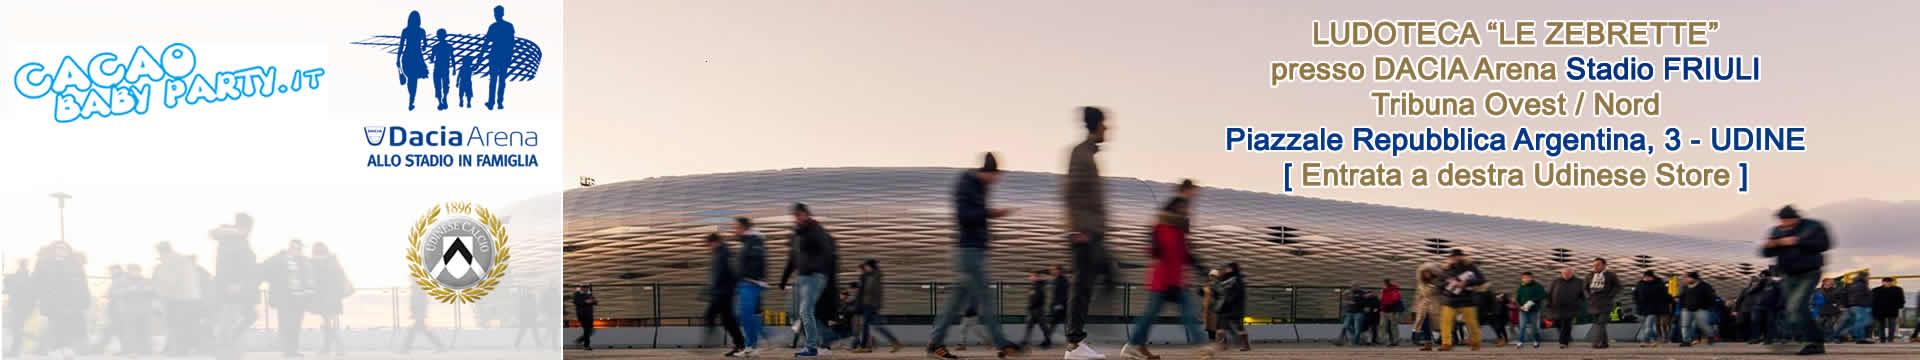 banner footer ludoteca le zebrette - contatti